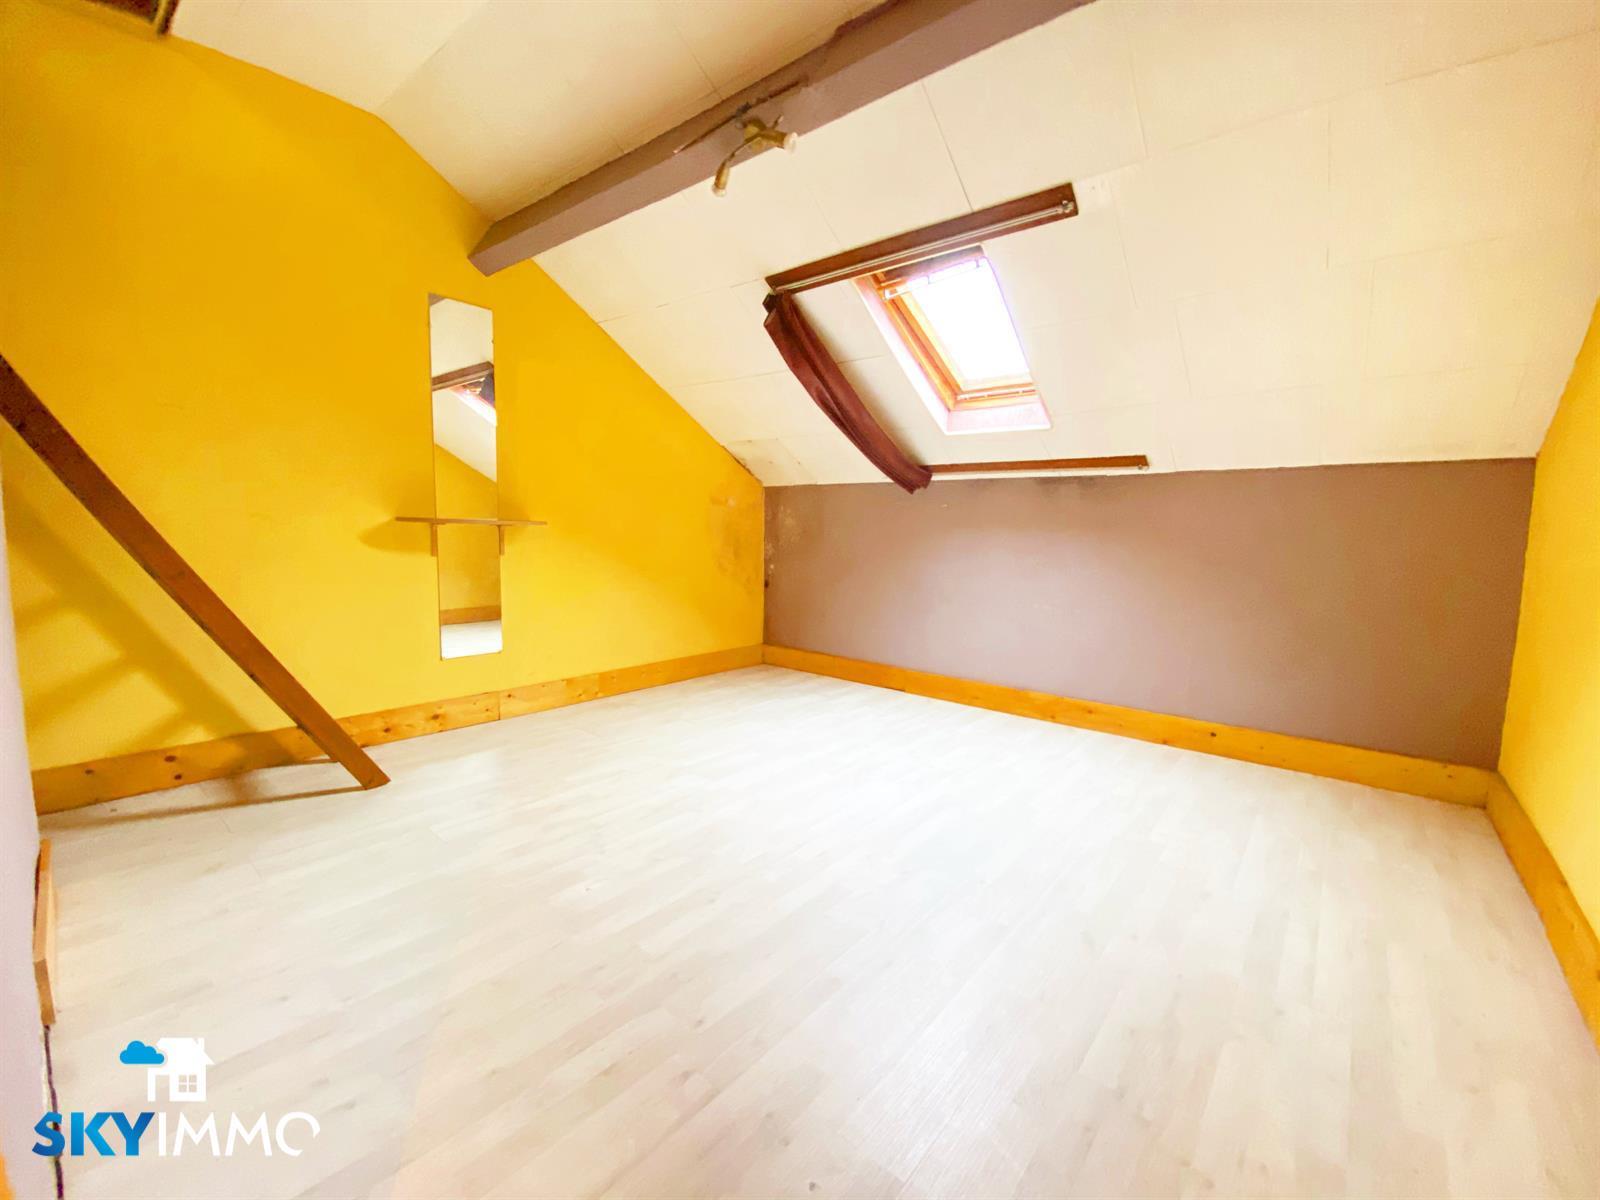 Maison - Liege - #4157610-13